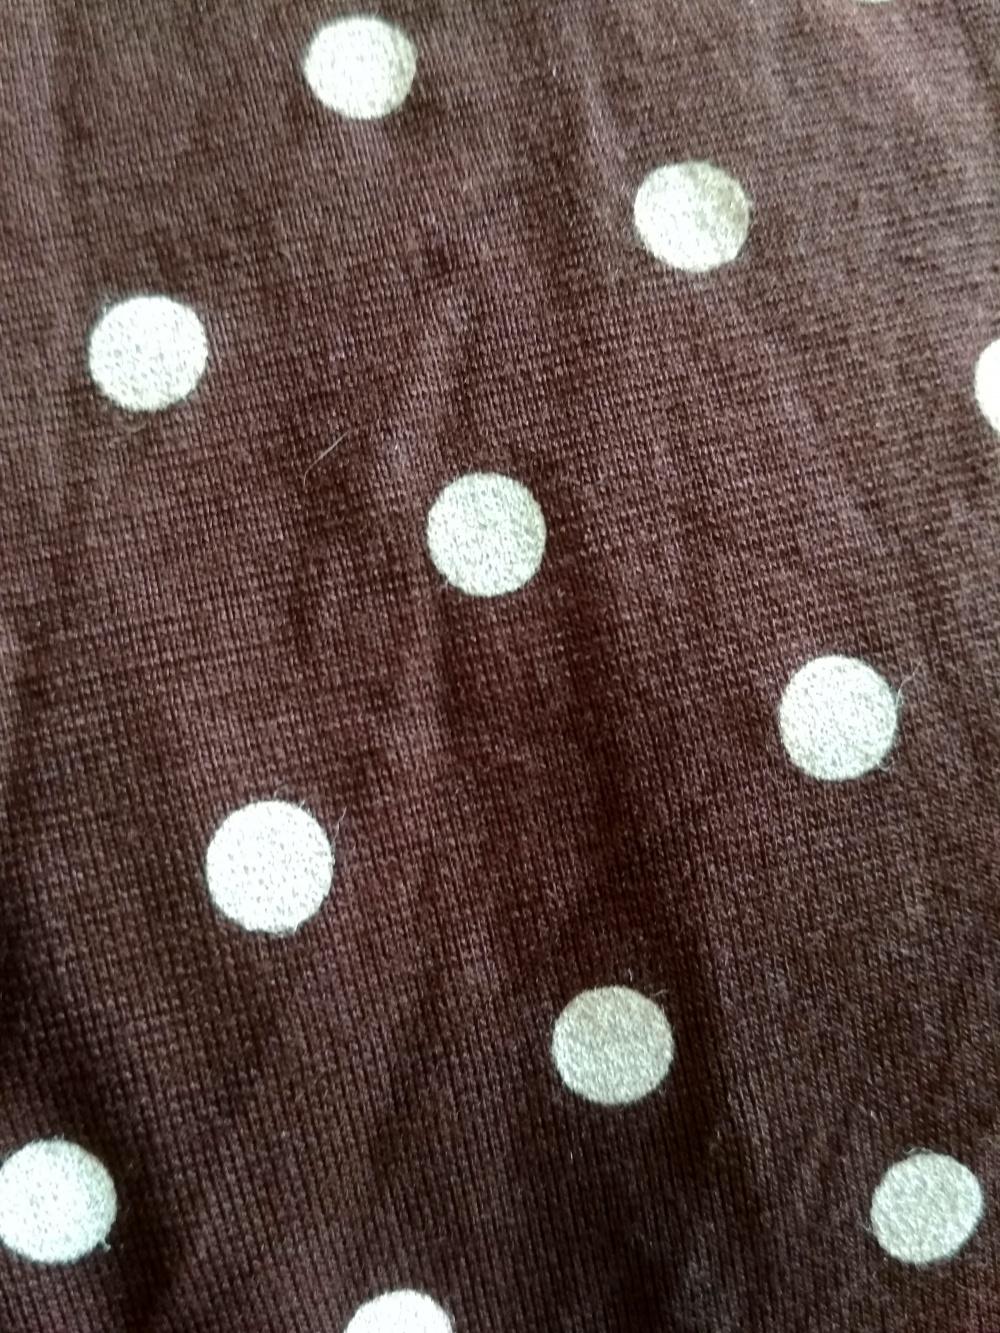 Платье Venca Бельгия, р 46 фр на наш 48-50